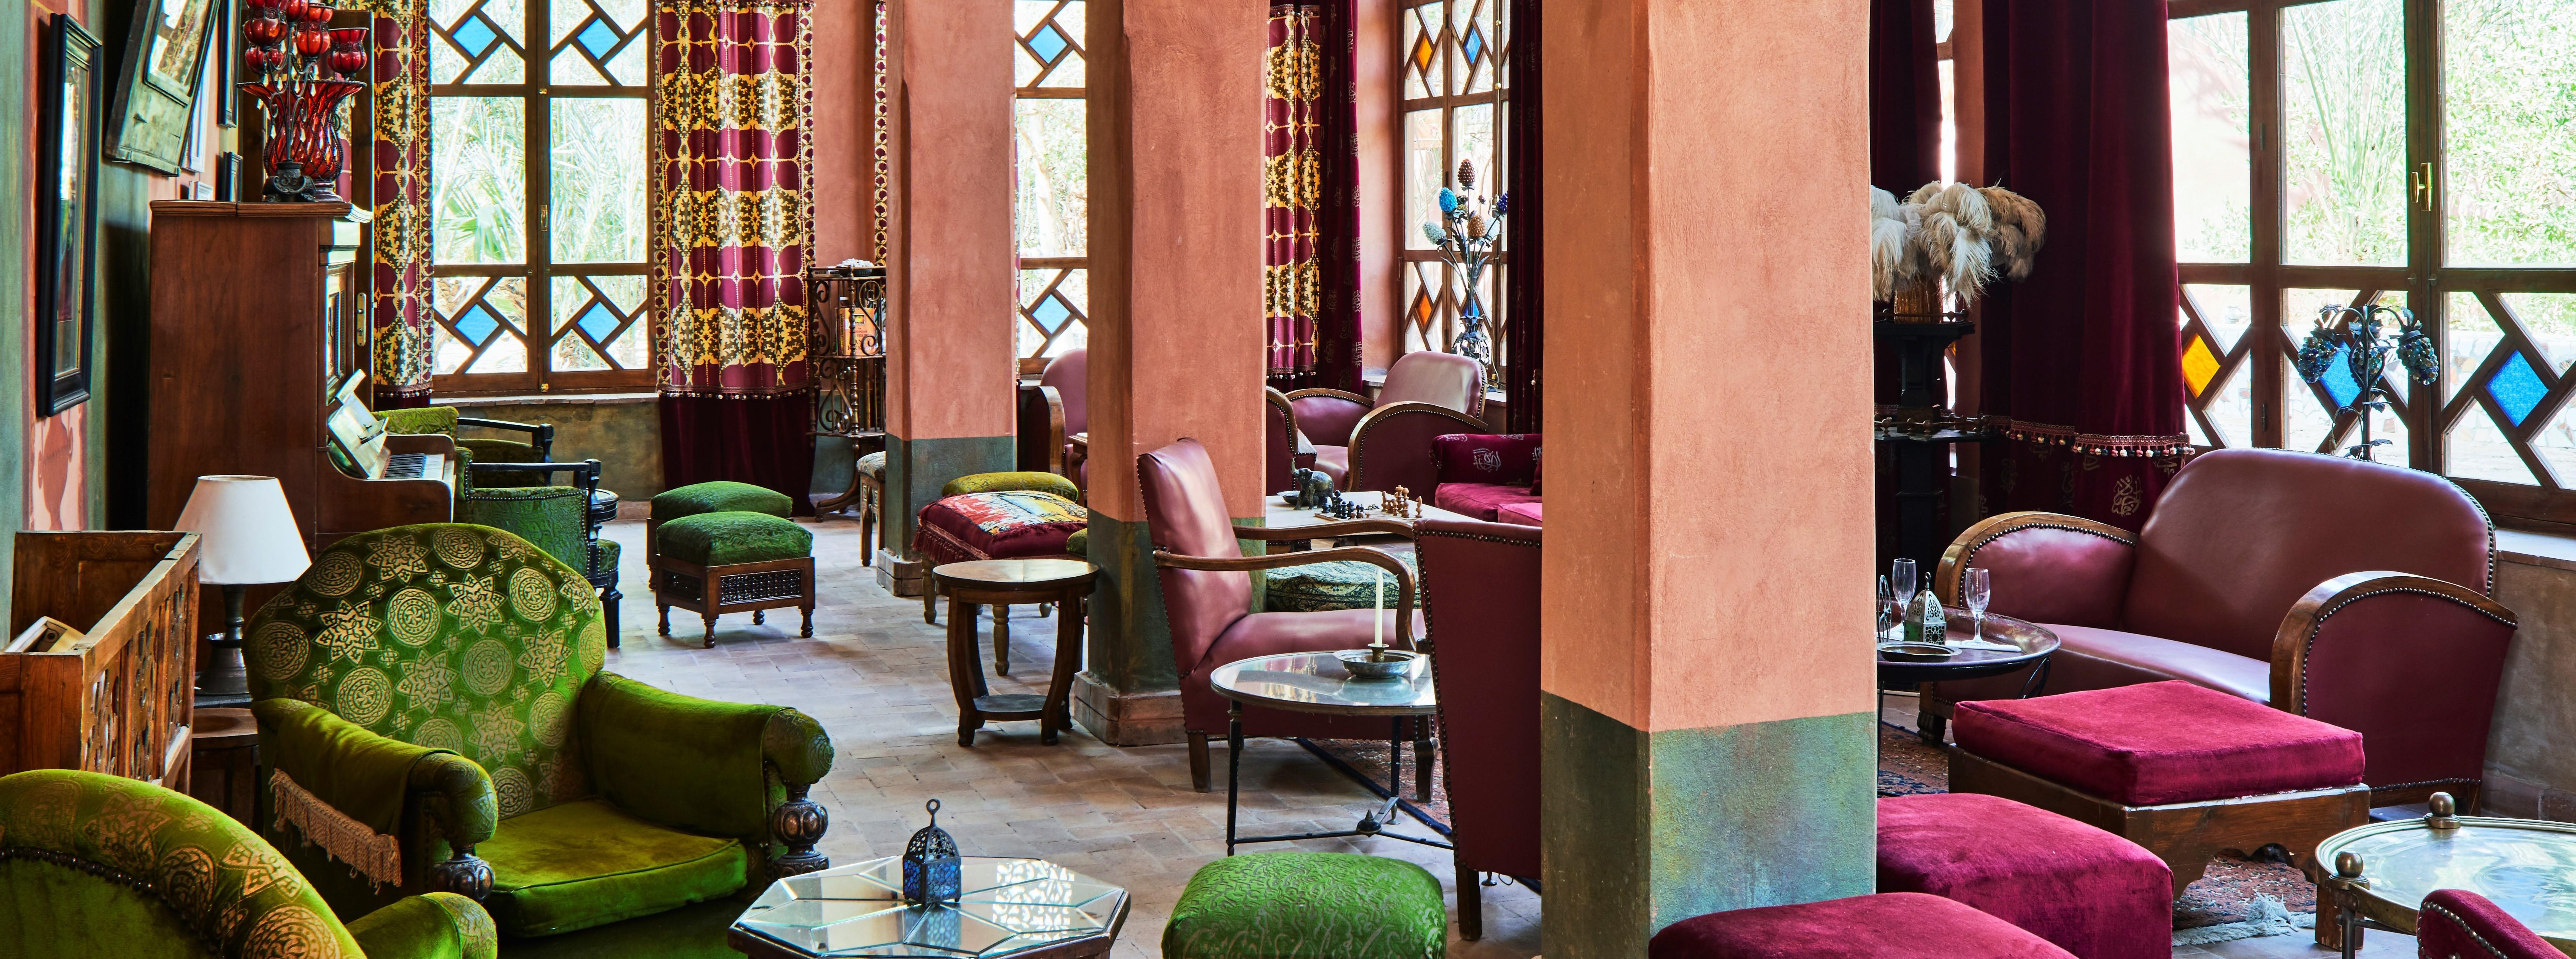 hotel-al-moudira-luxor-lounge